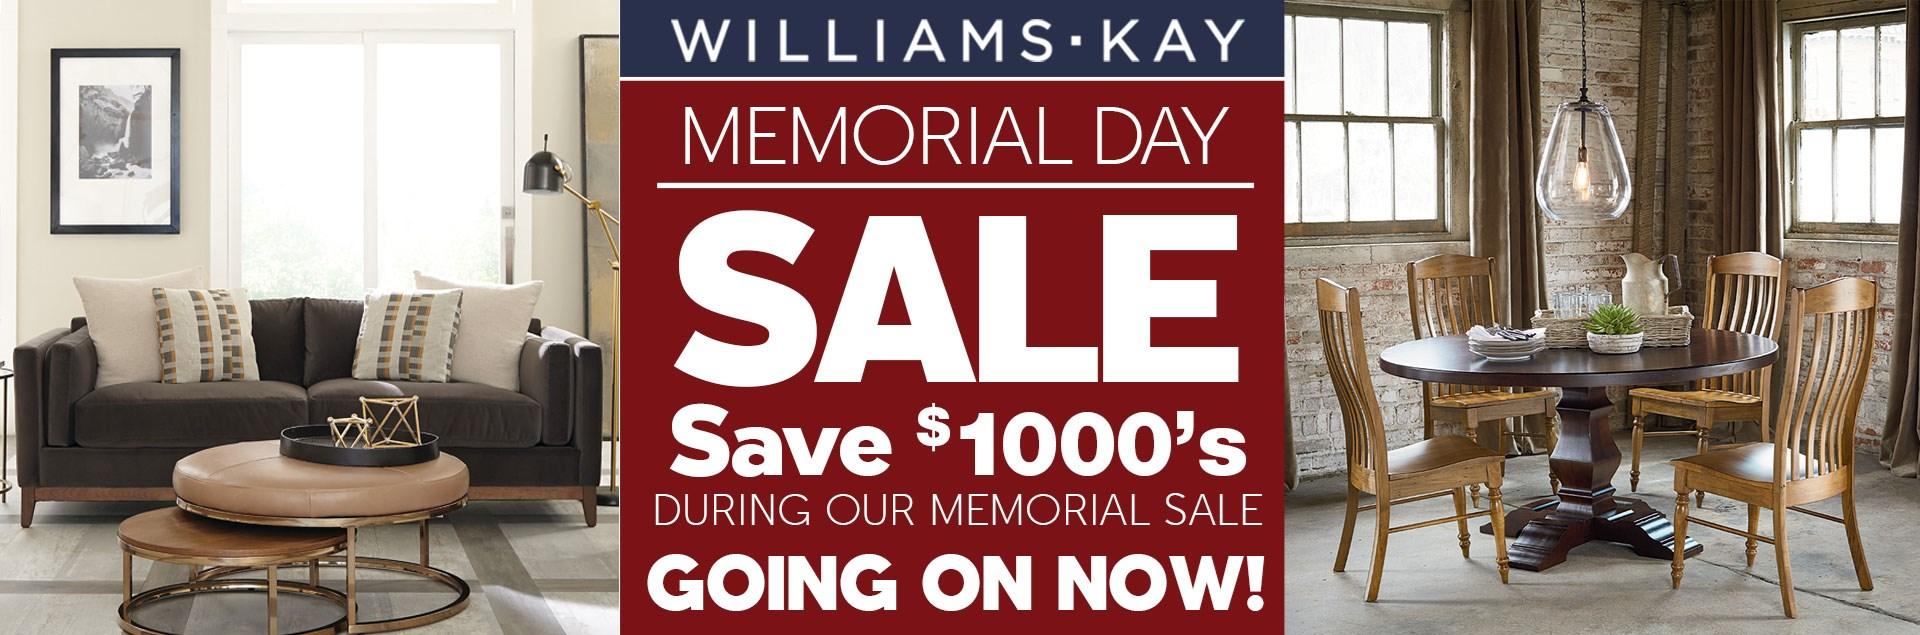 Williams & Kay Memorial Sale